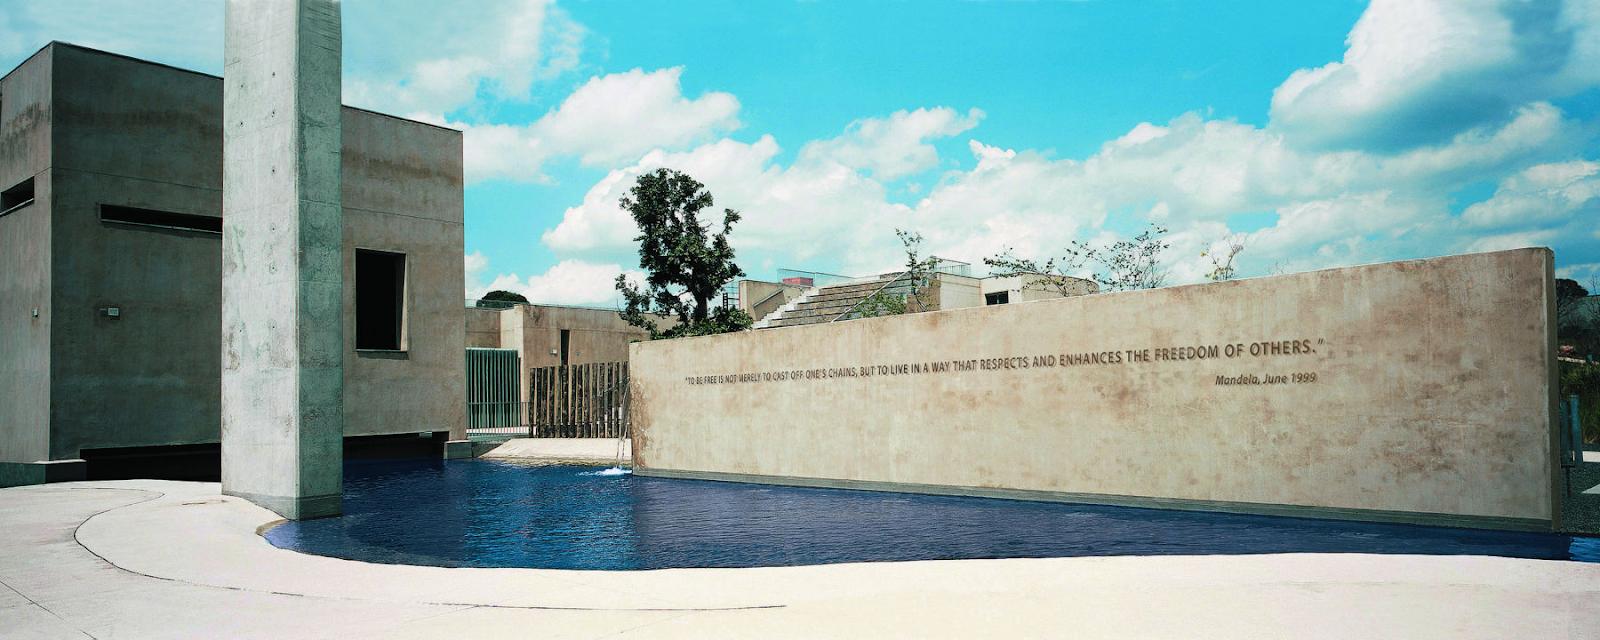 Afrique du Sud Johannesburg Apartheid Museum